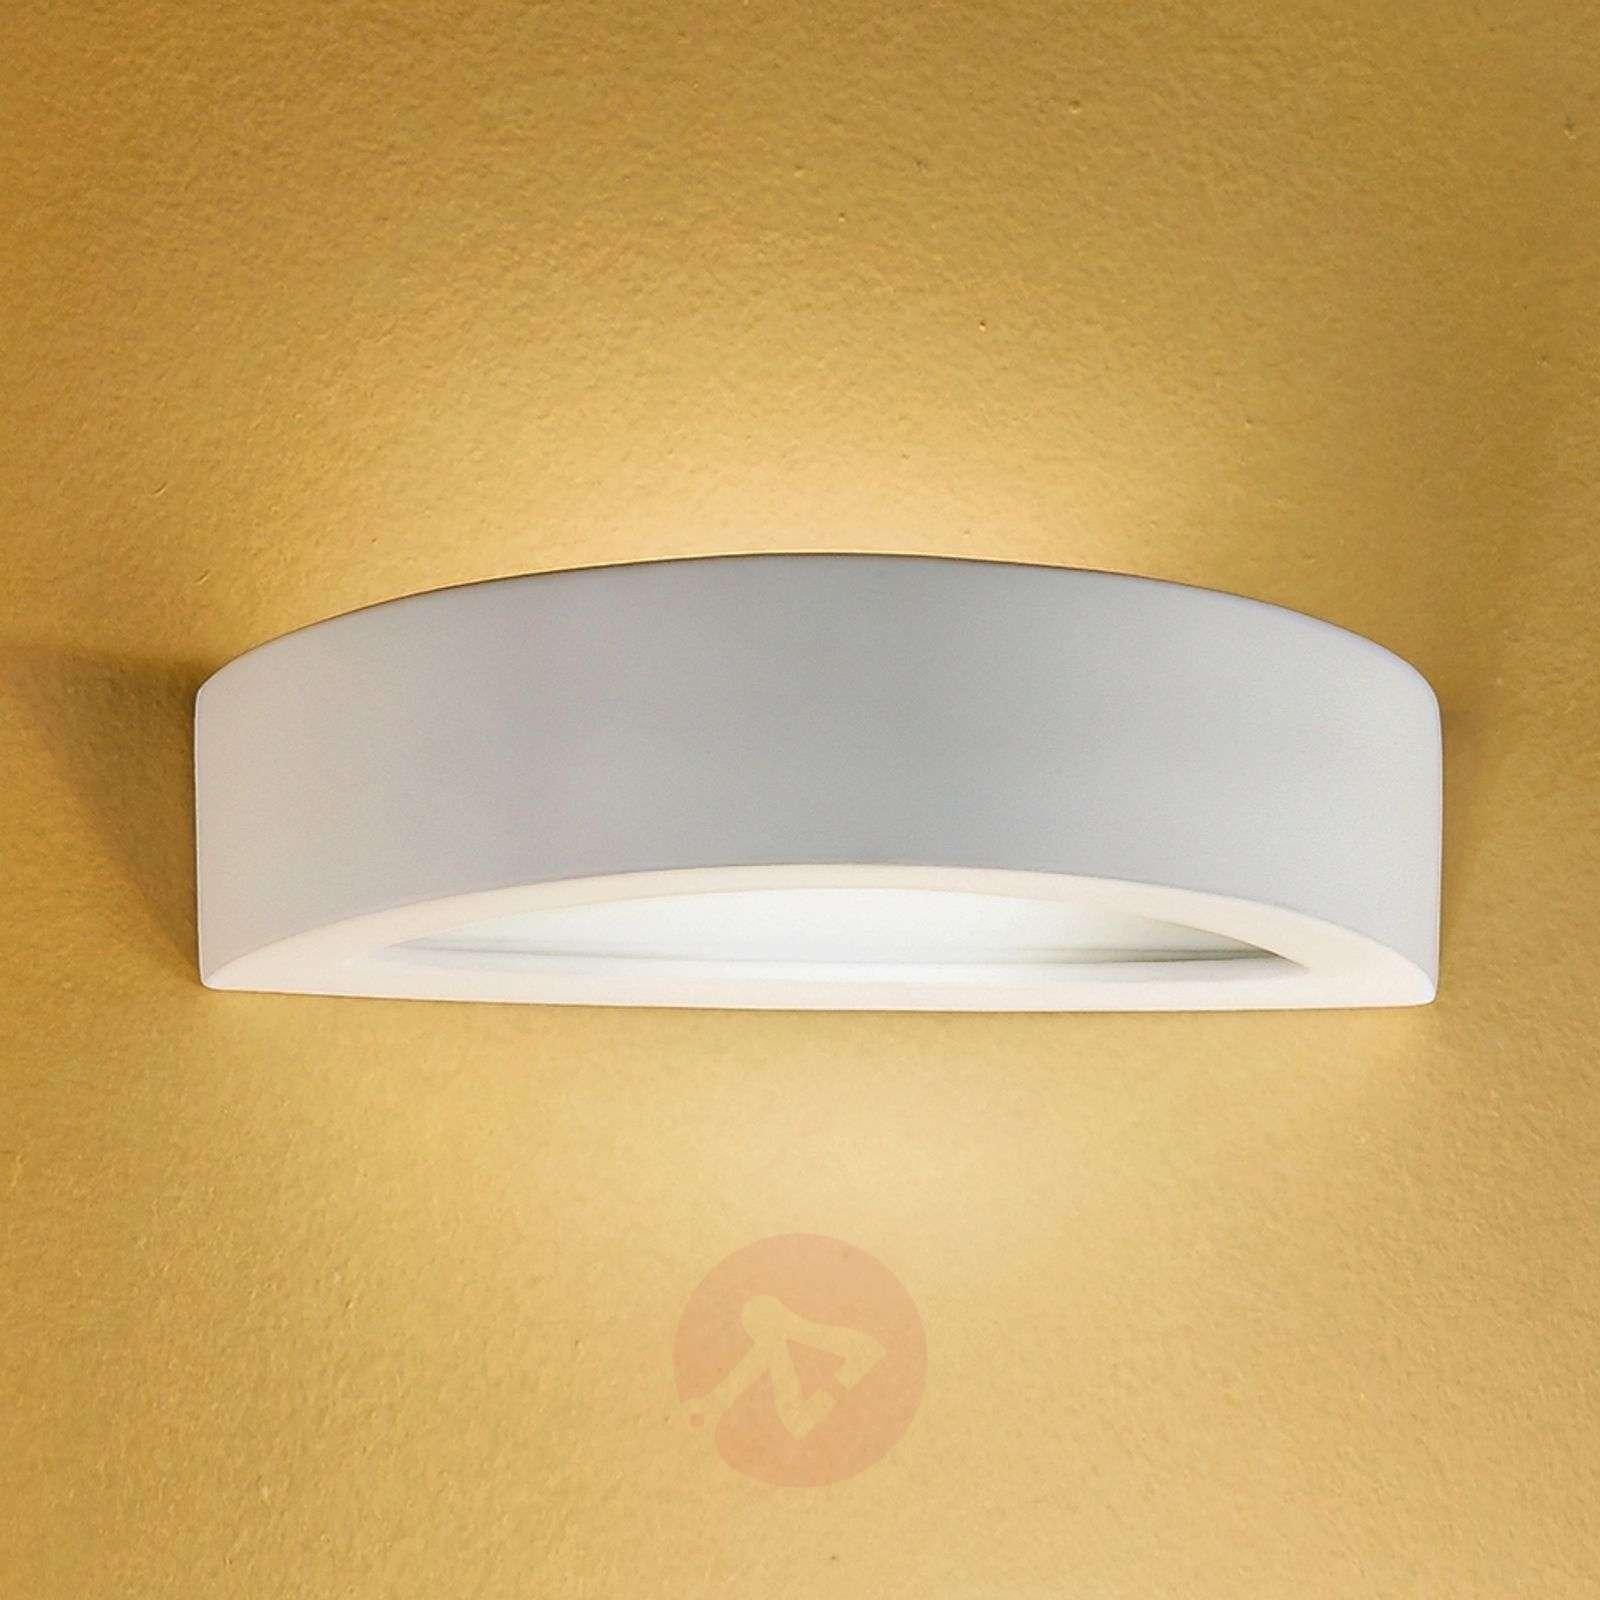 Kera Wall Light Semi-Circular Flat Ceramic-7253012-01